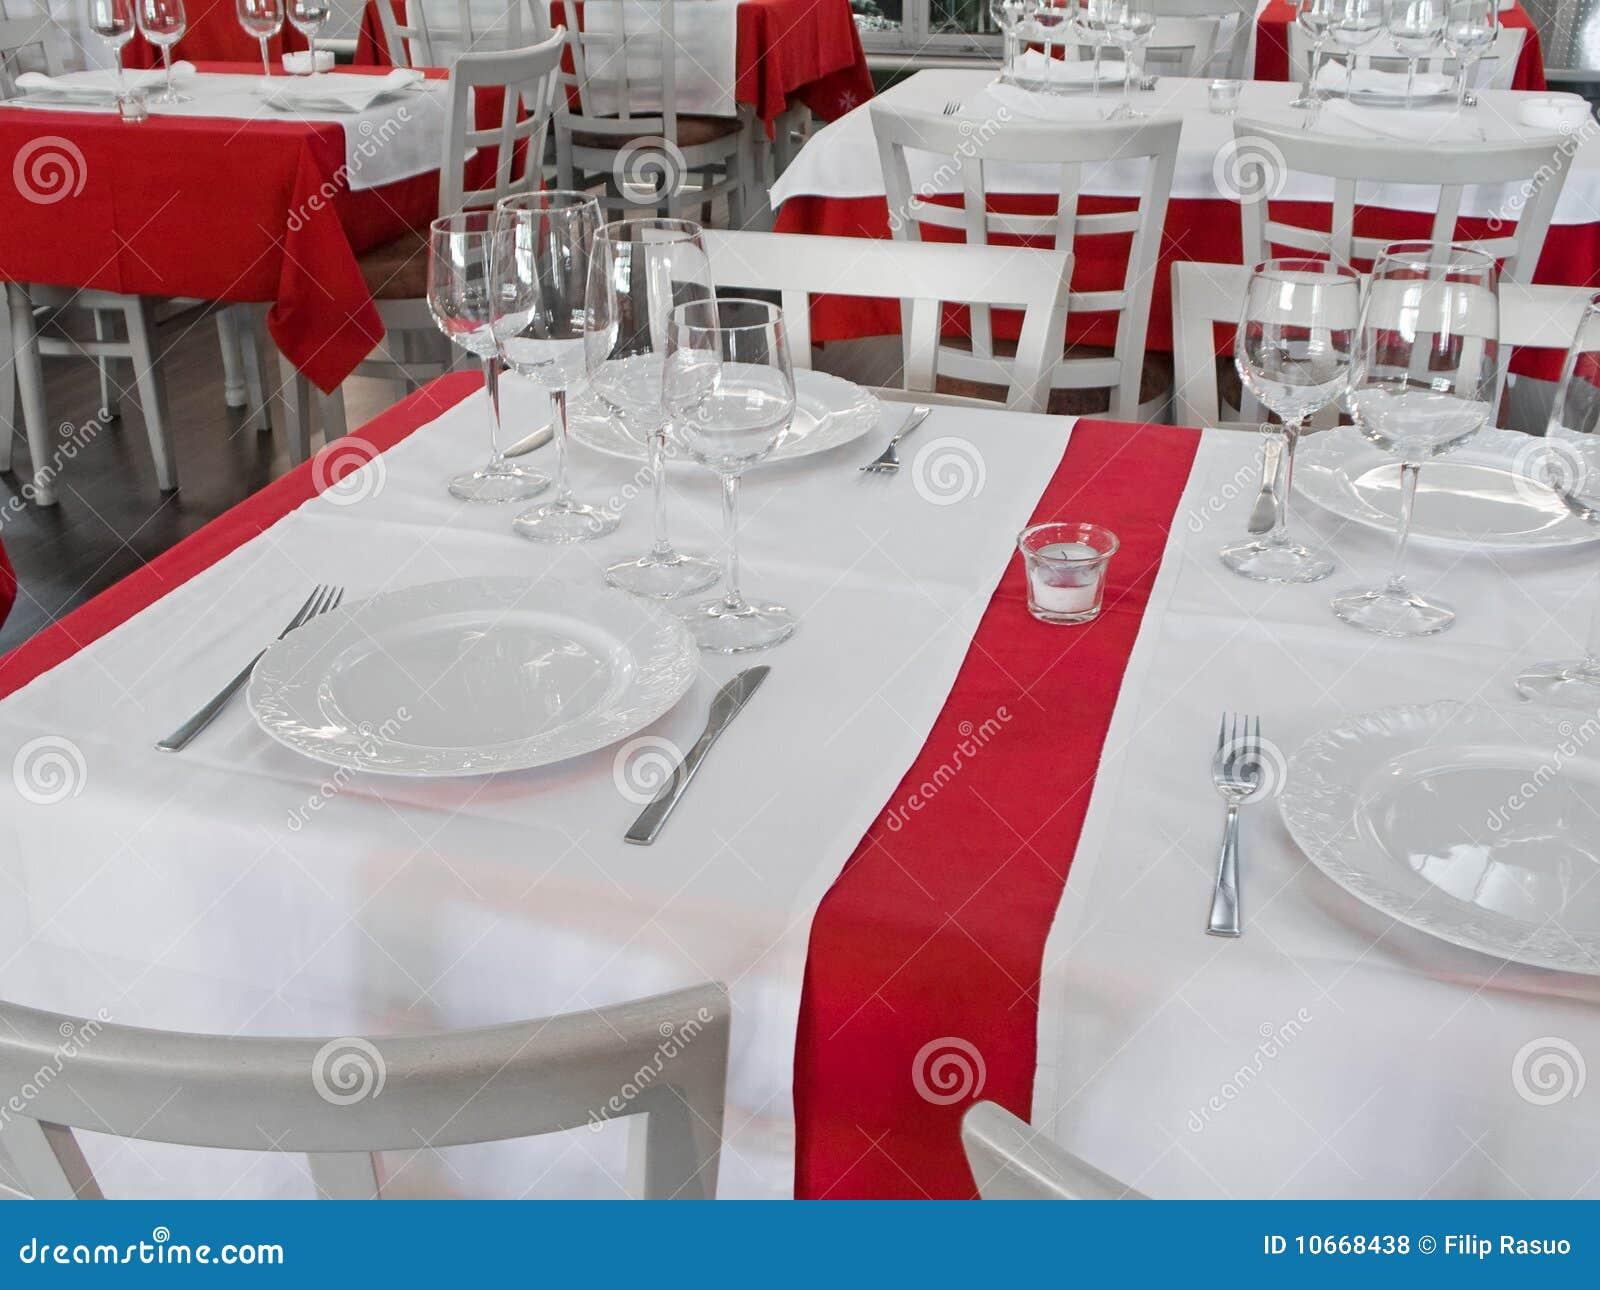 Table de restaurant photo stock image du chic diner - Table de restaurant ...